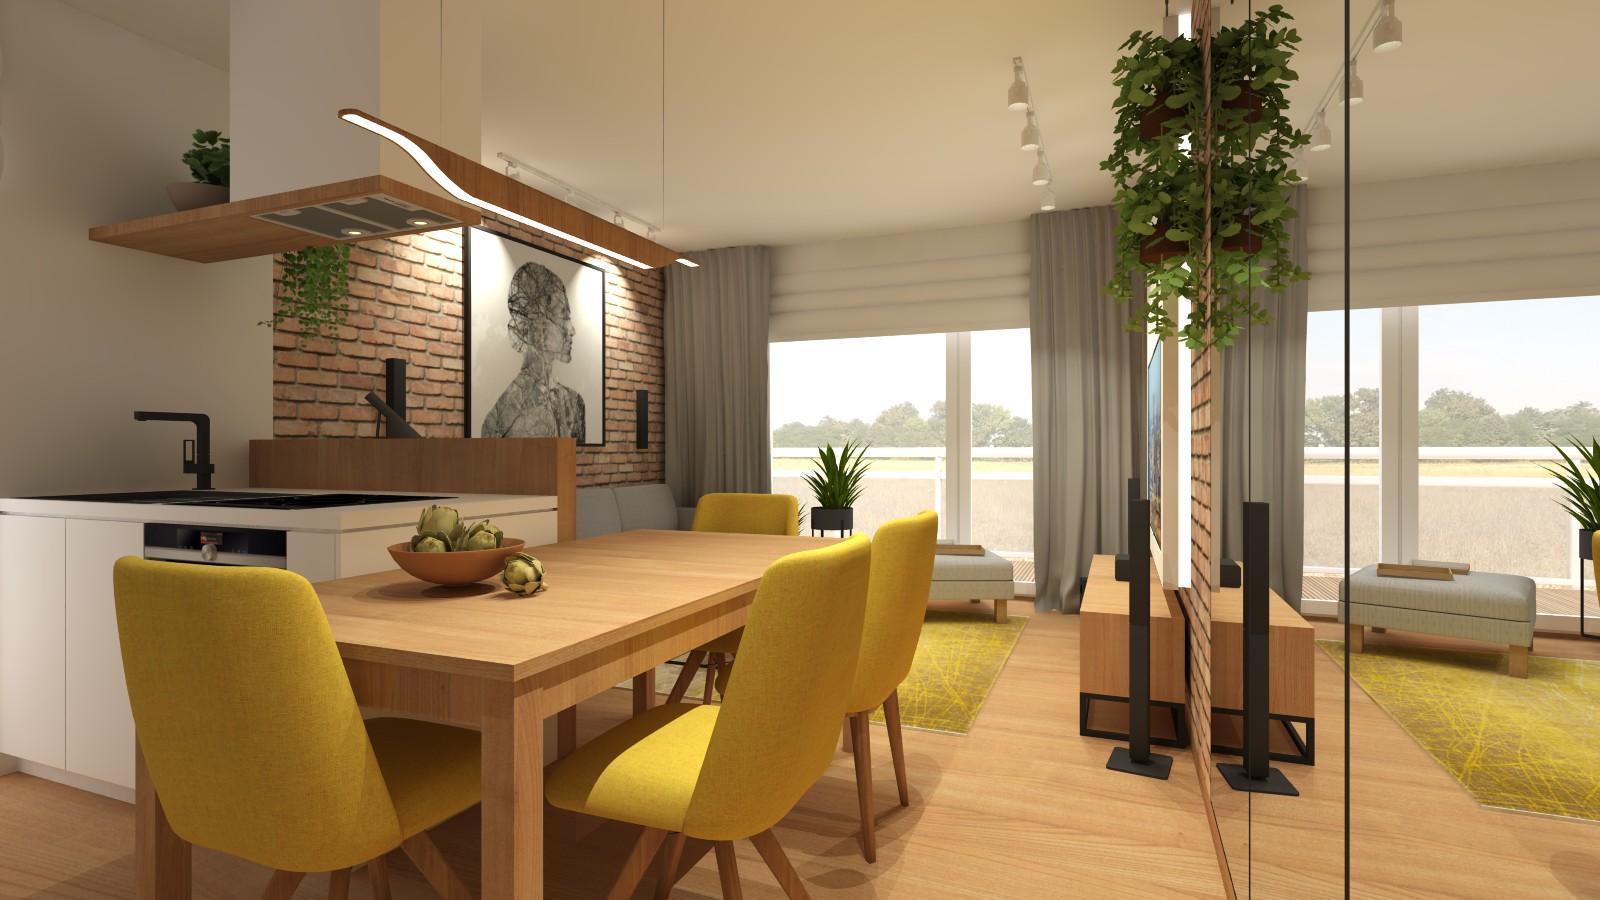 jadalnia-aneks-kuchenny-salon-w-loftowym-stylu-mieszkanie-w-bloku-stol-czterema-zoltymi-krzeslami